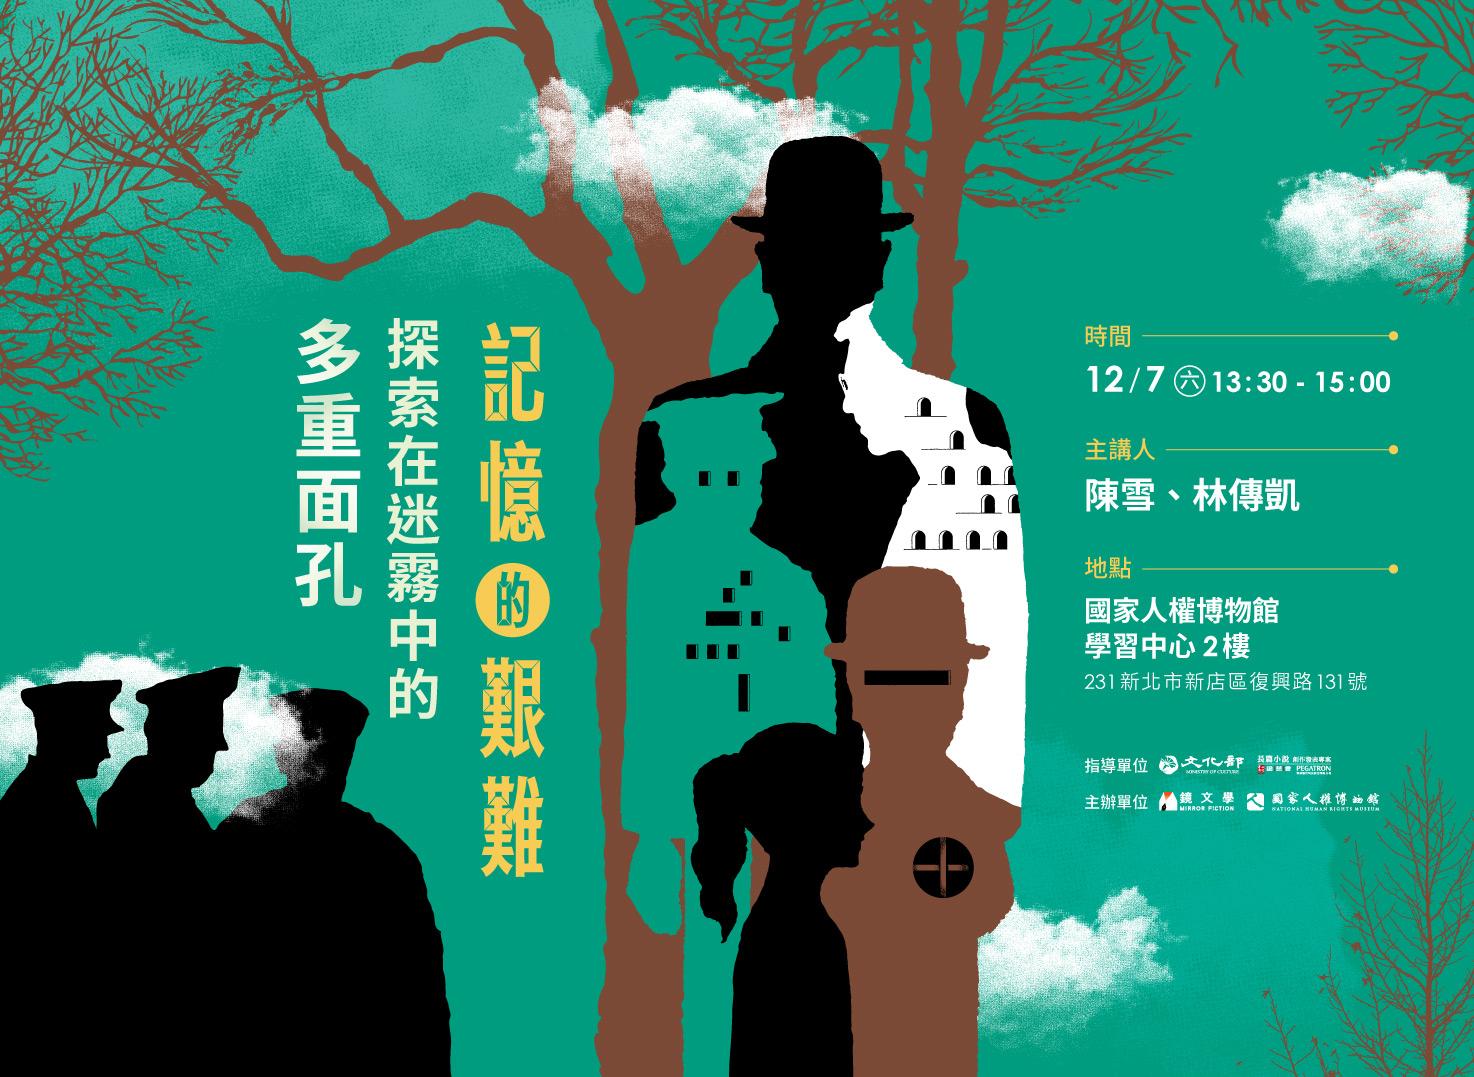 人權文學講座:記憶的艱難─探索在迷霧中的多重面孔